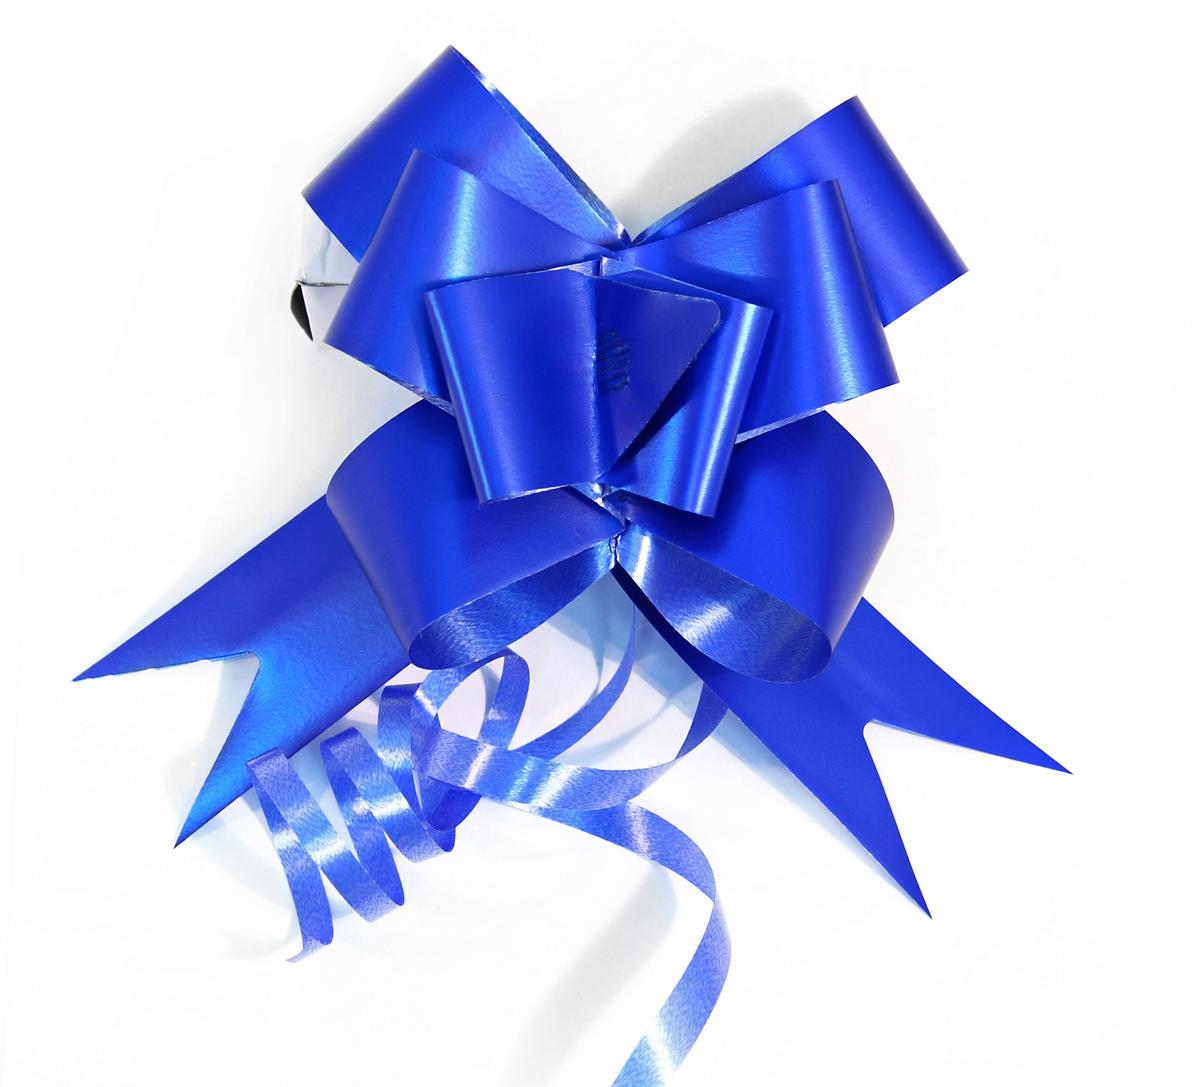 Набор упаковочных бантиков Veld-Co Бабочка, цвет: синий, 3 х 50 см, 10 шт набор упаковочных бантиков veld co бабочка цвет оранжевый 3 х 50 см 10 шт